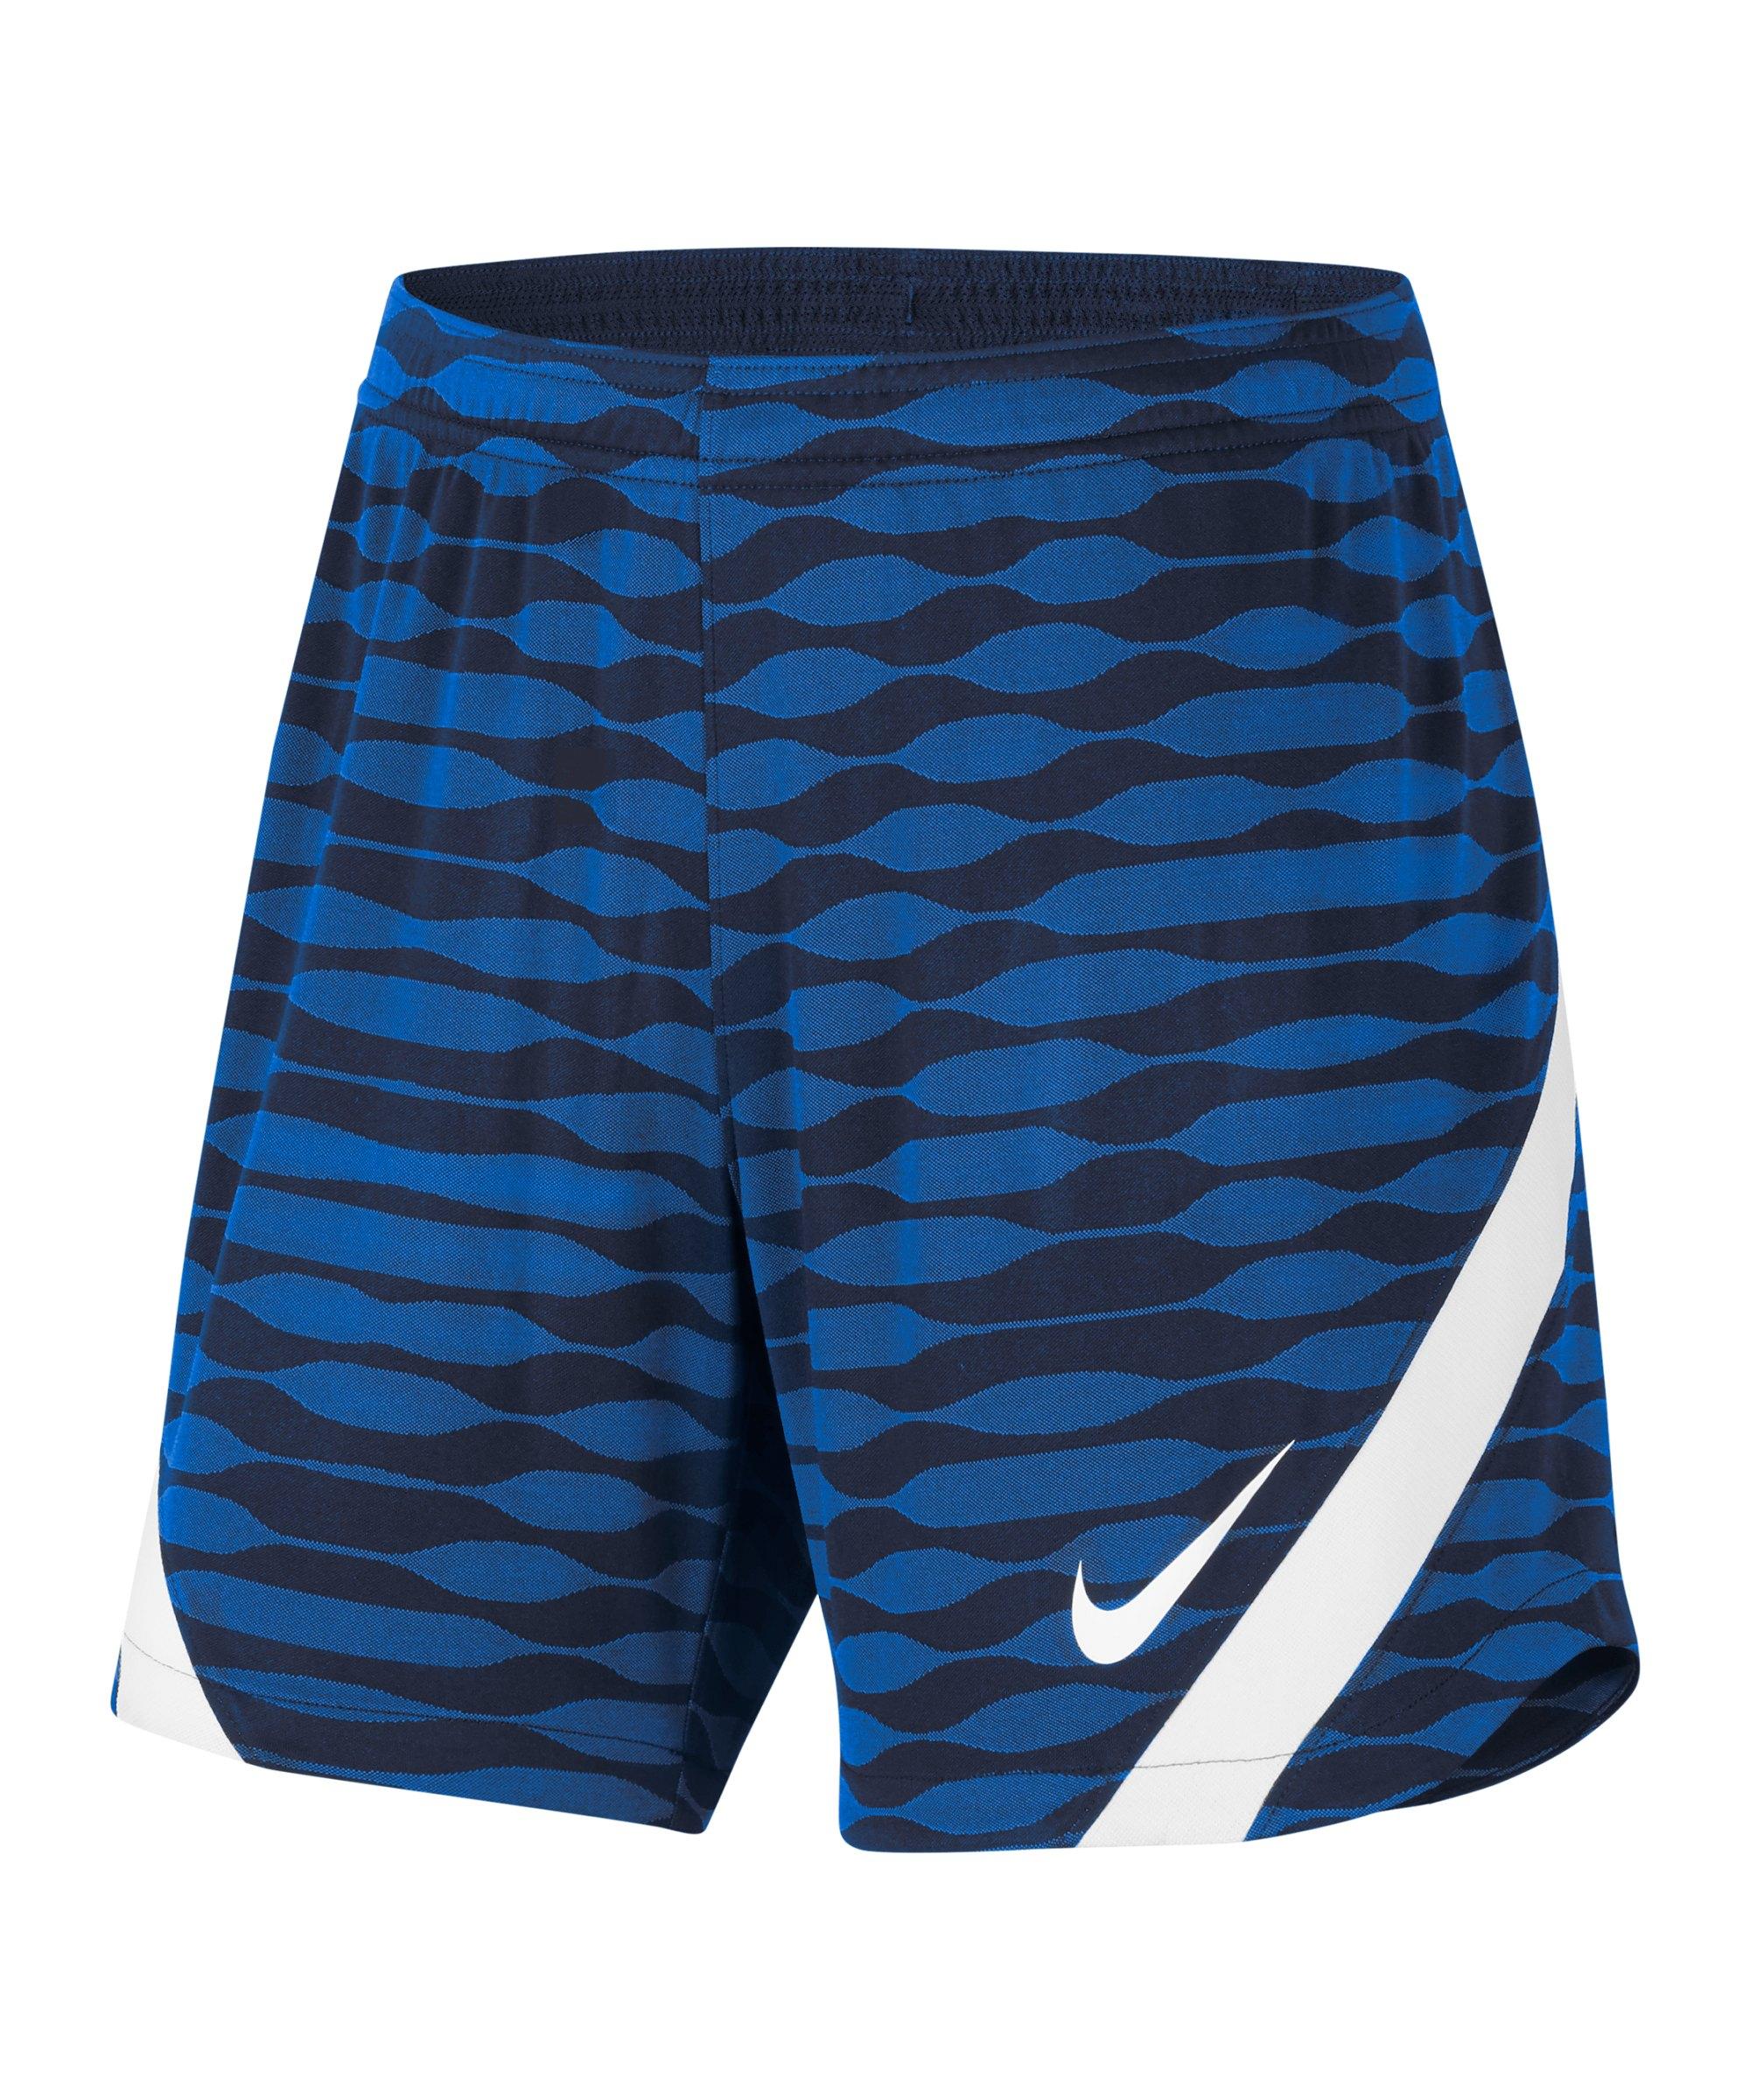 Nike Strike 21 Knit Short Damen Blau Weiss F451 - blau